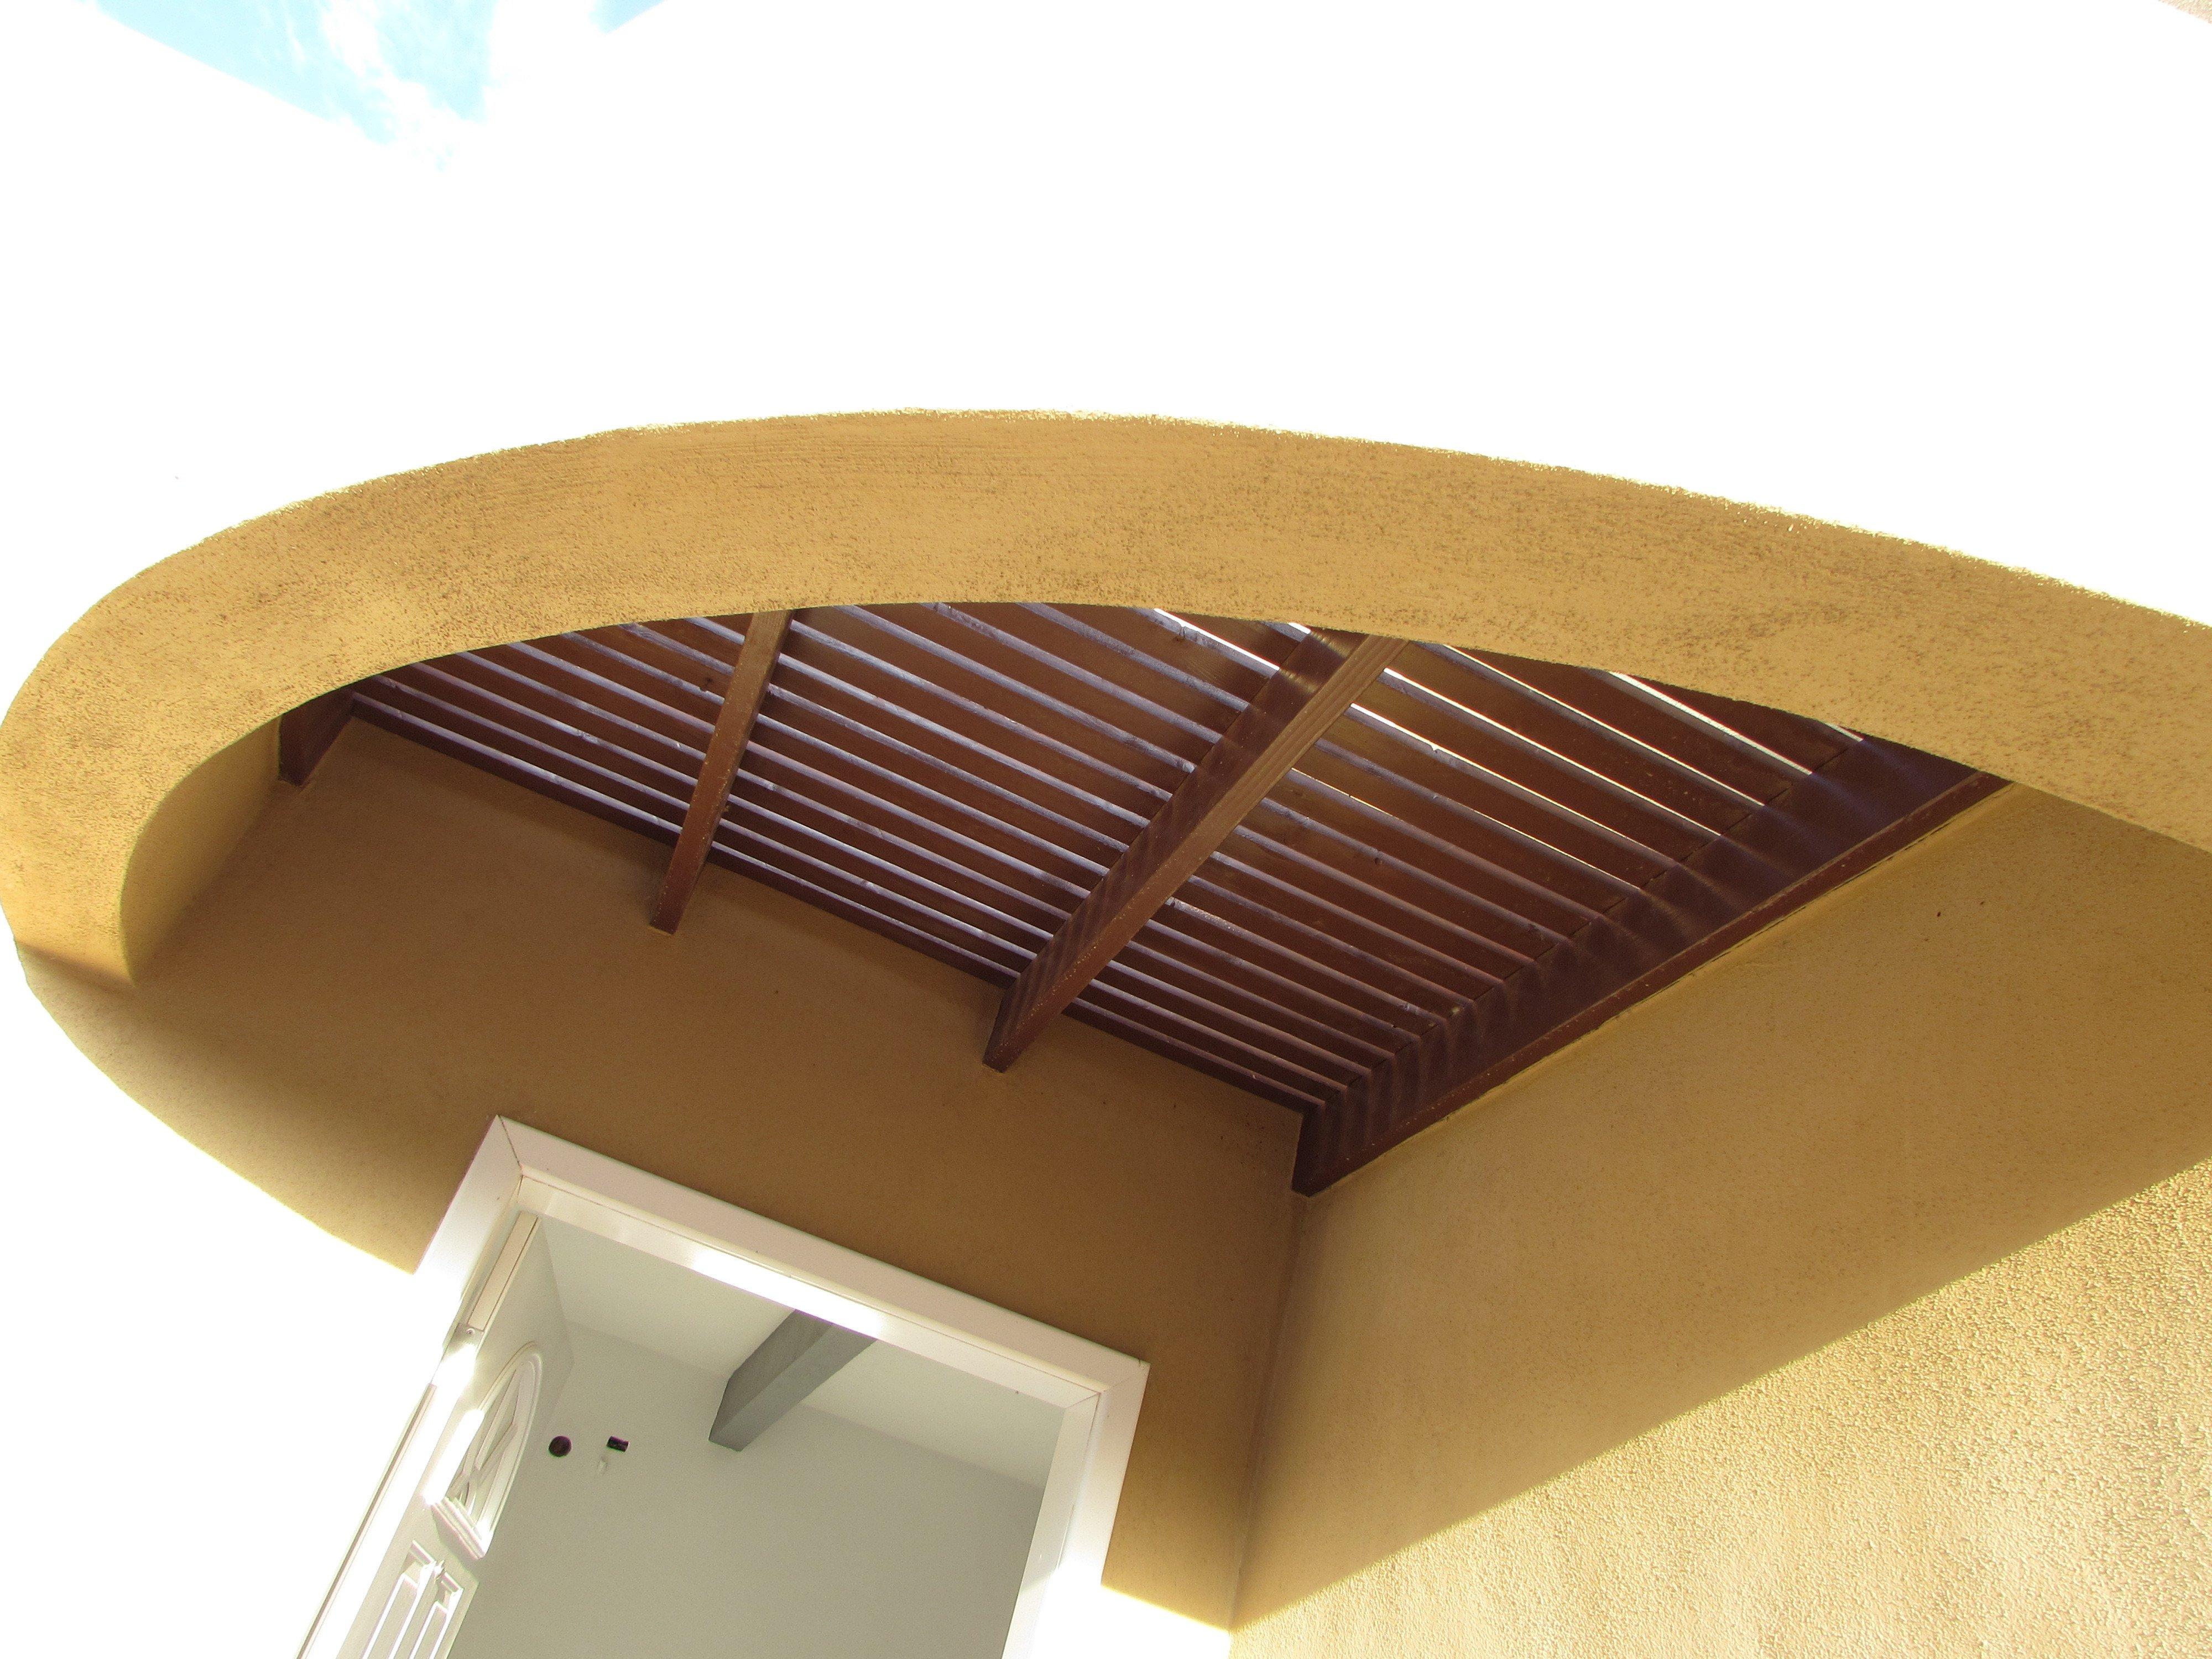 Trellis detail above front door